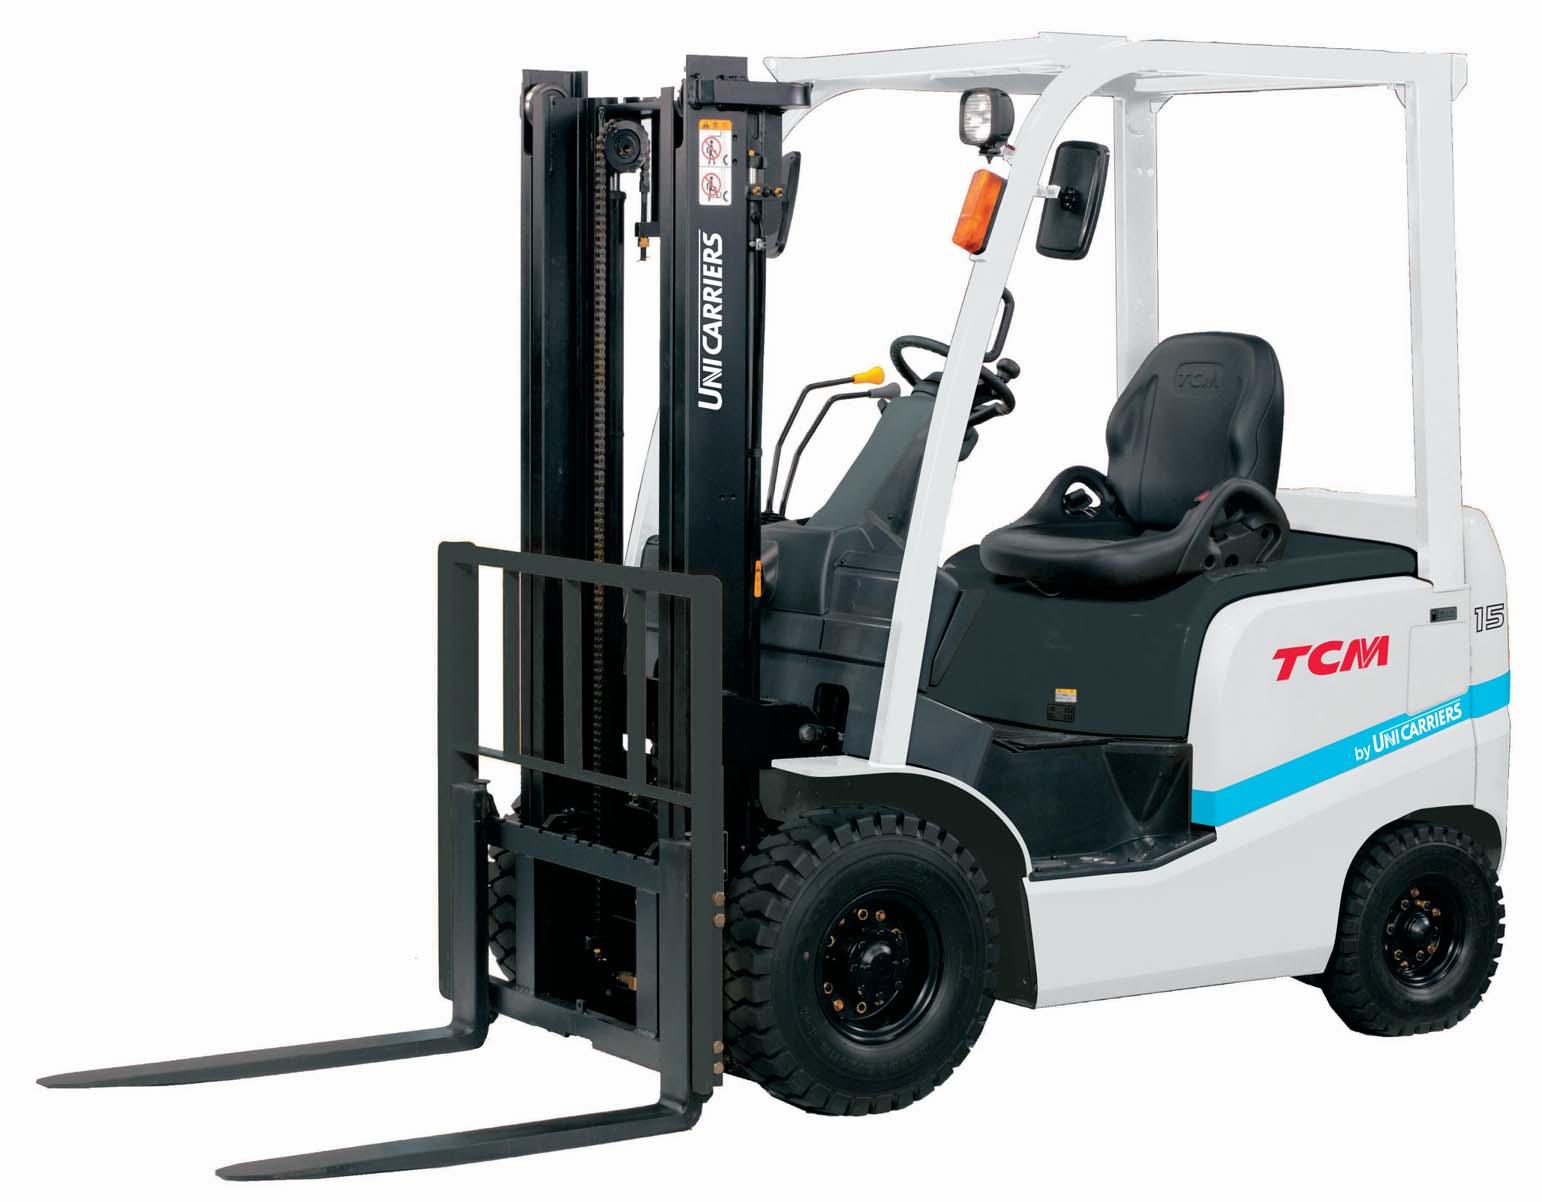 TCM FHG20C3